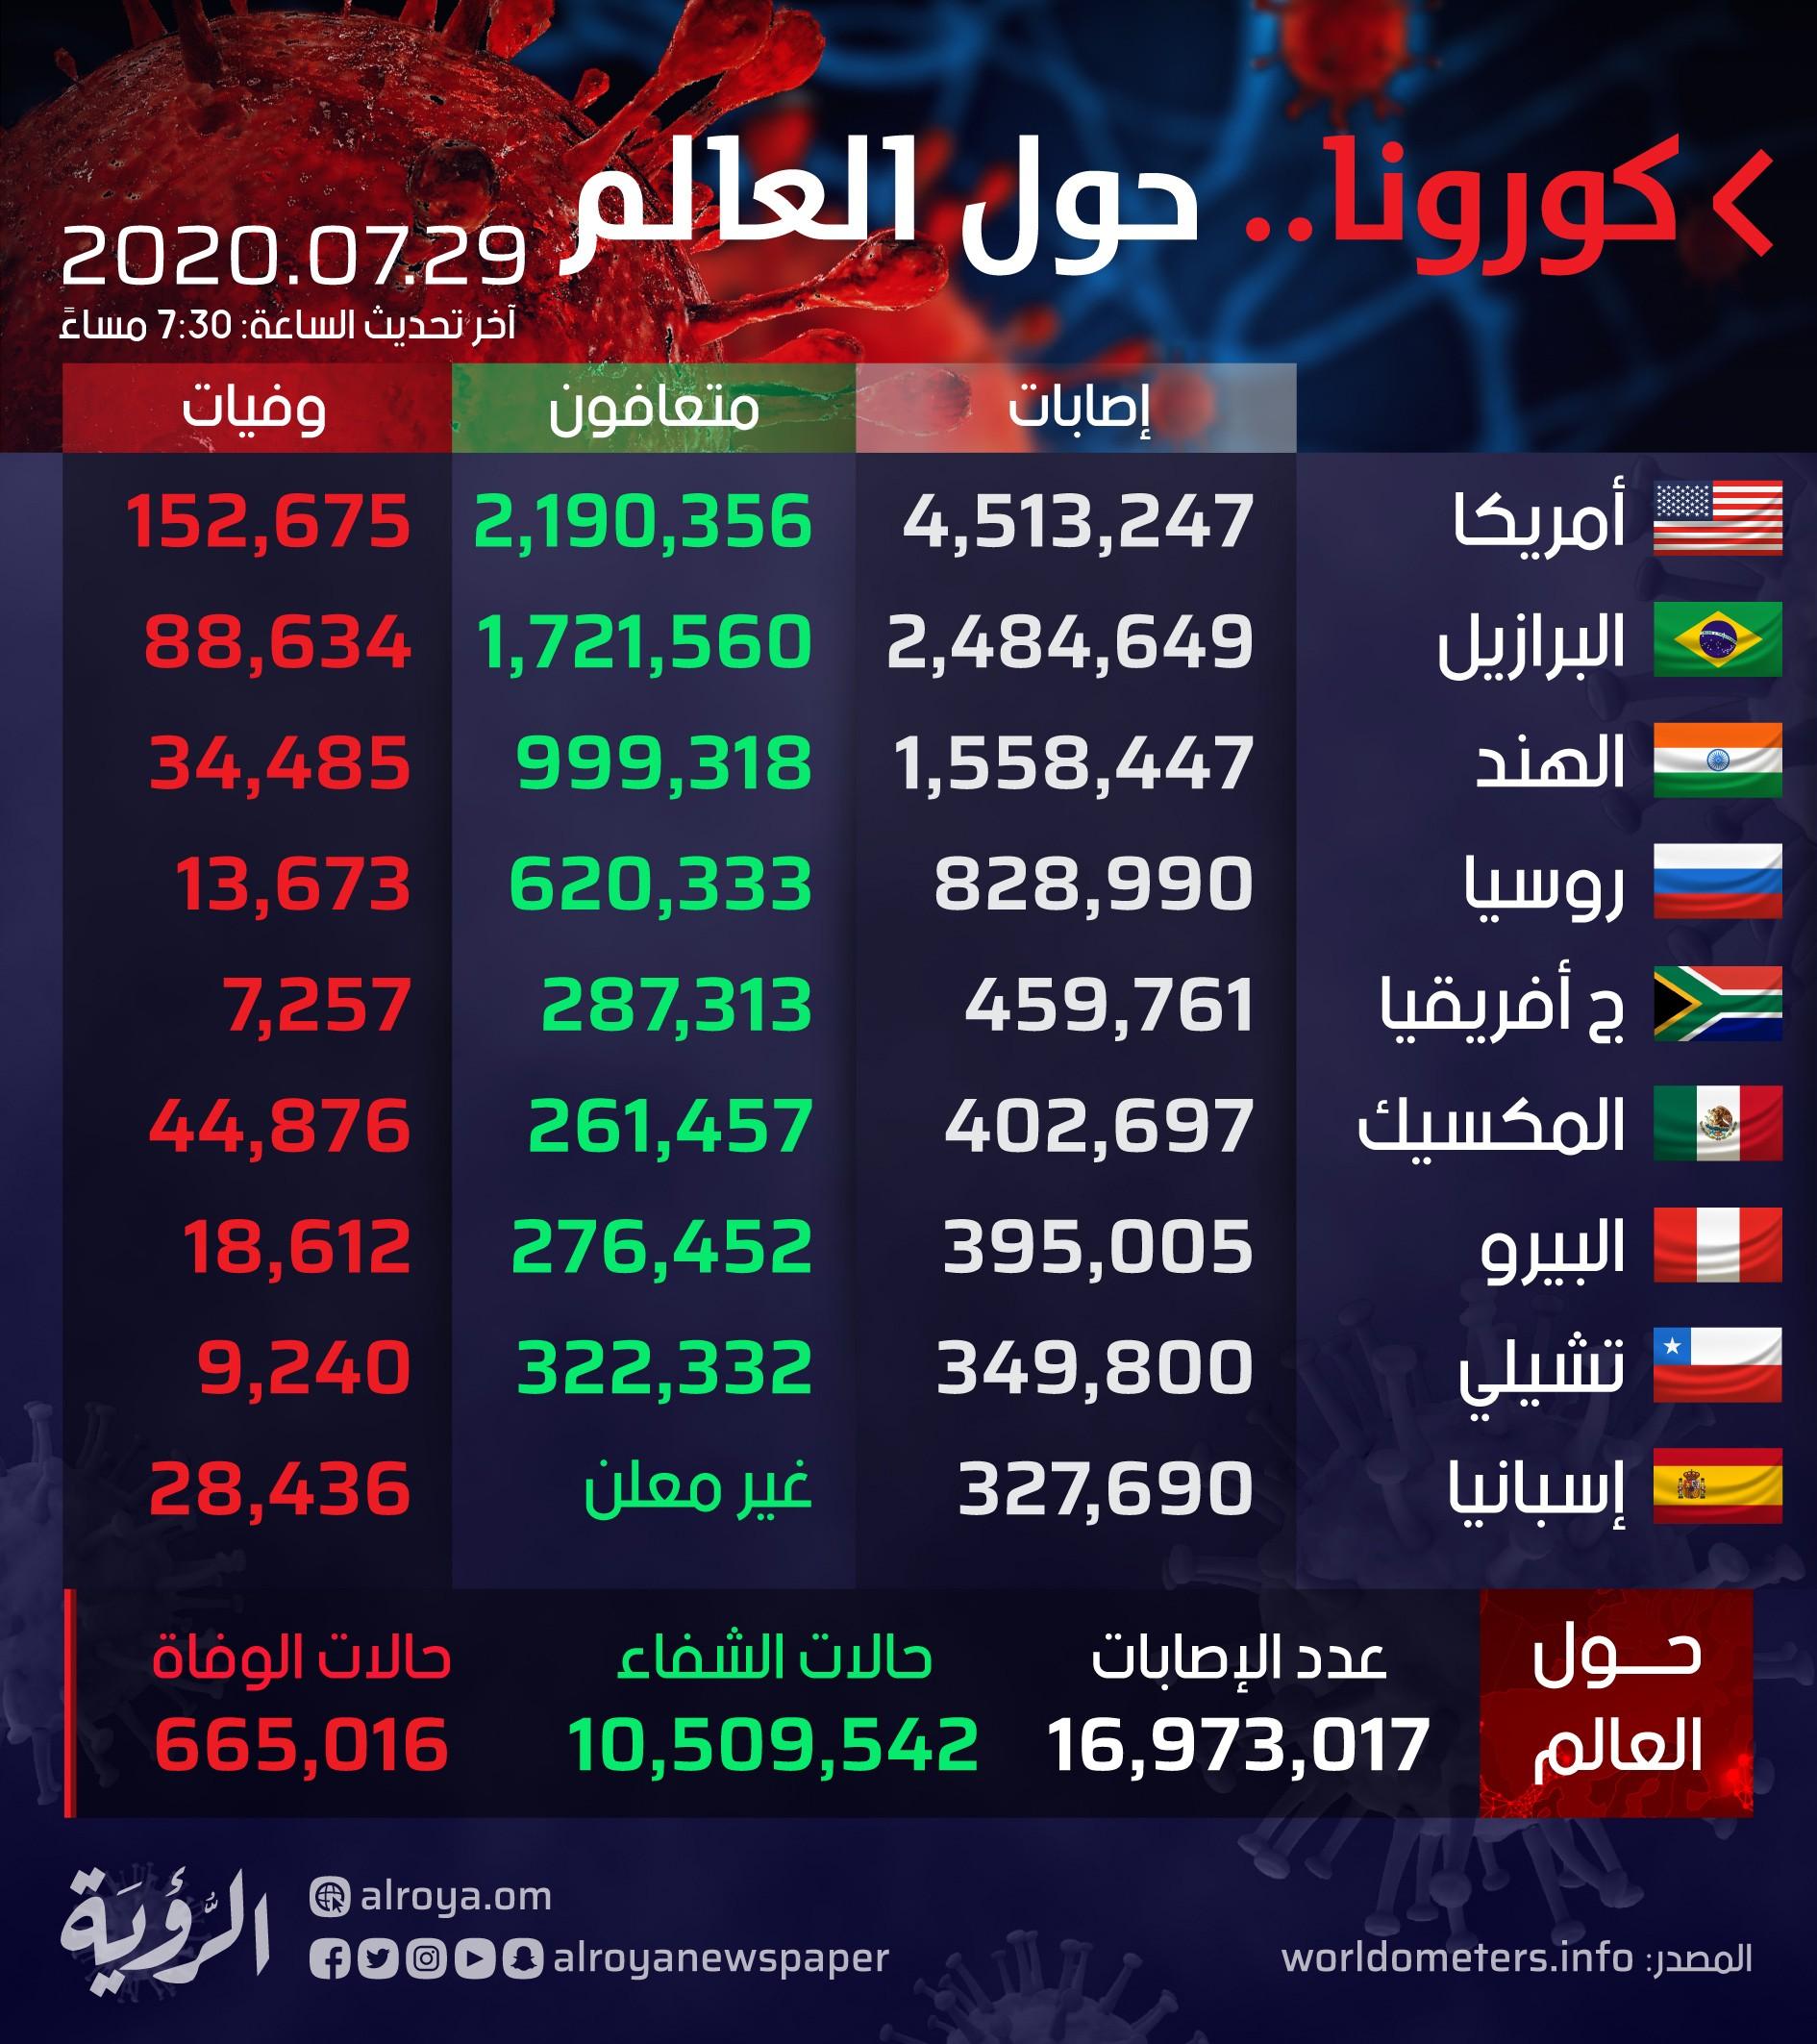 إحصائيات حول -العالم.jpg